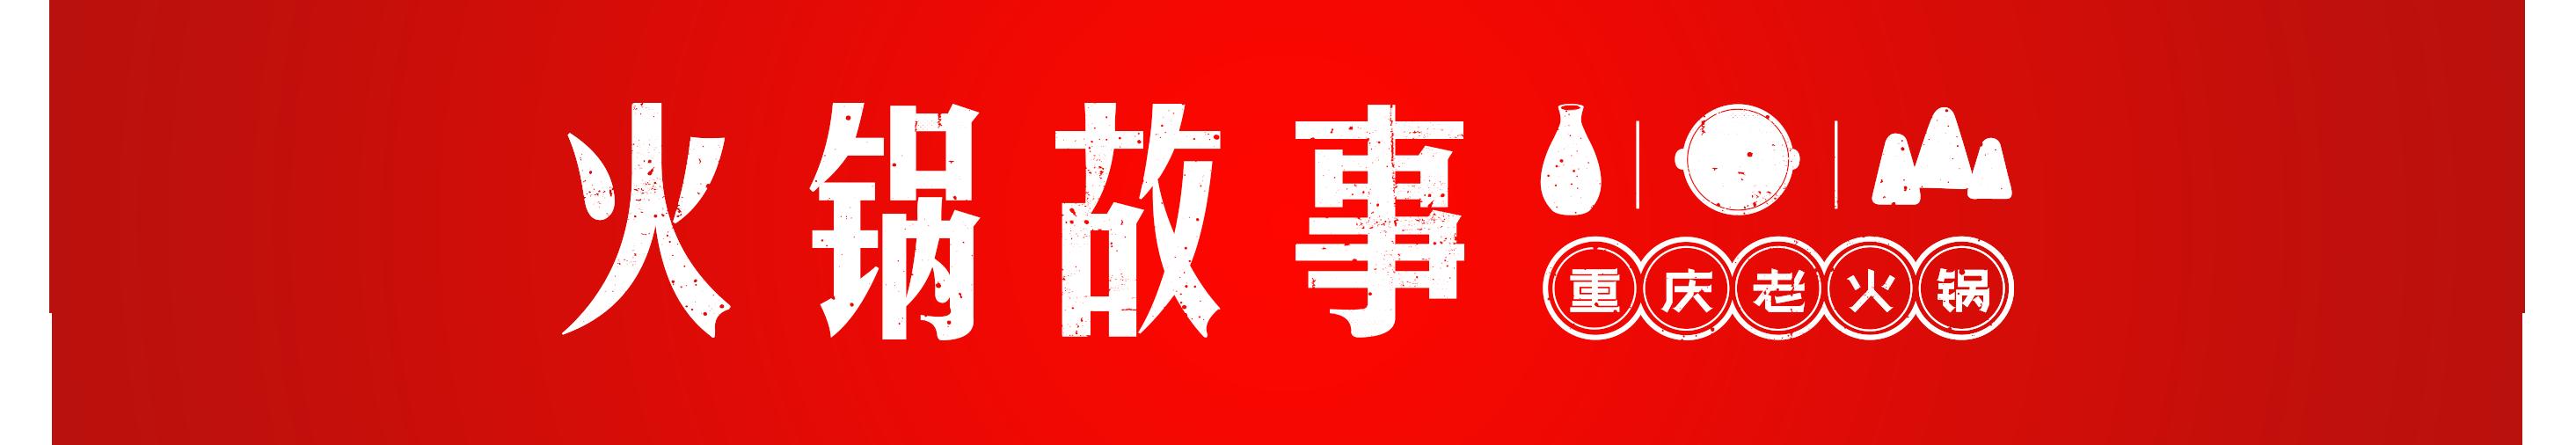 火鍋故事餐飲招商加盟